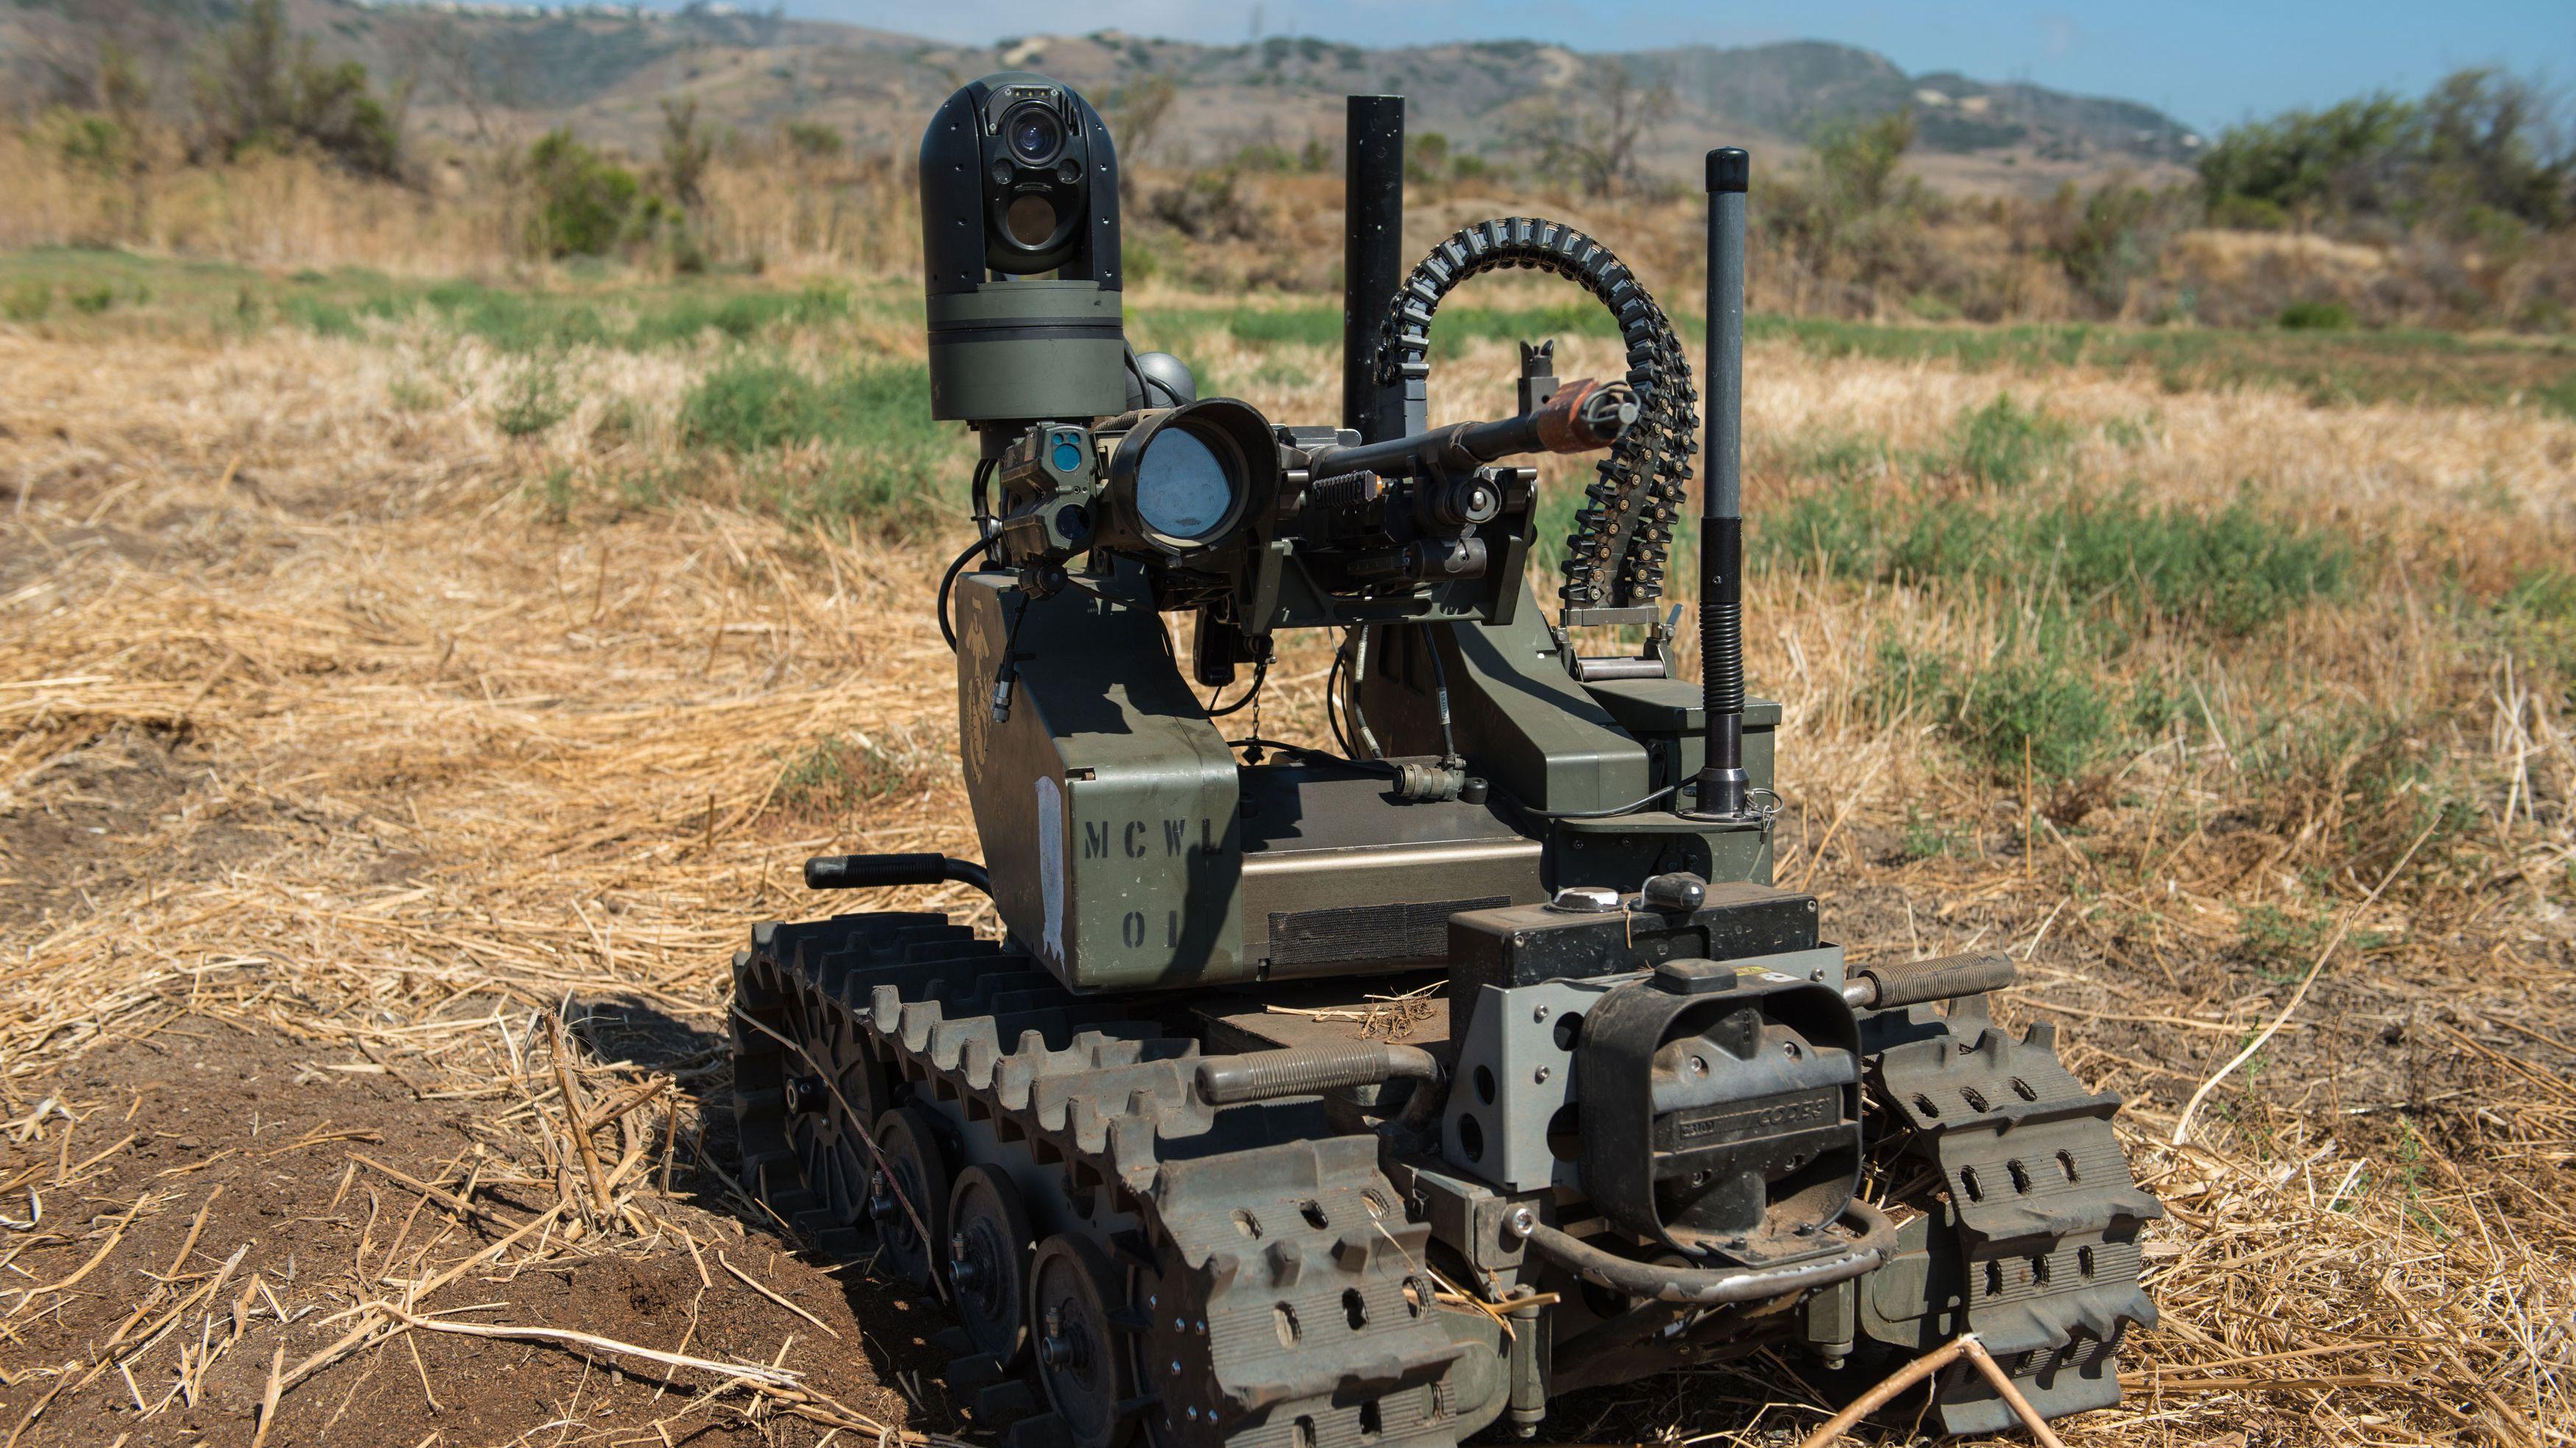 「作りません」では不十分 激化するAI軍拡競争、 研究者に問われる姿勢